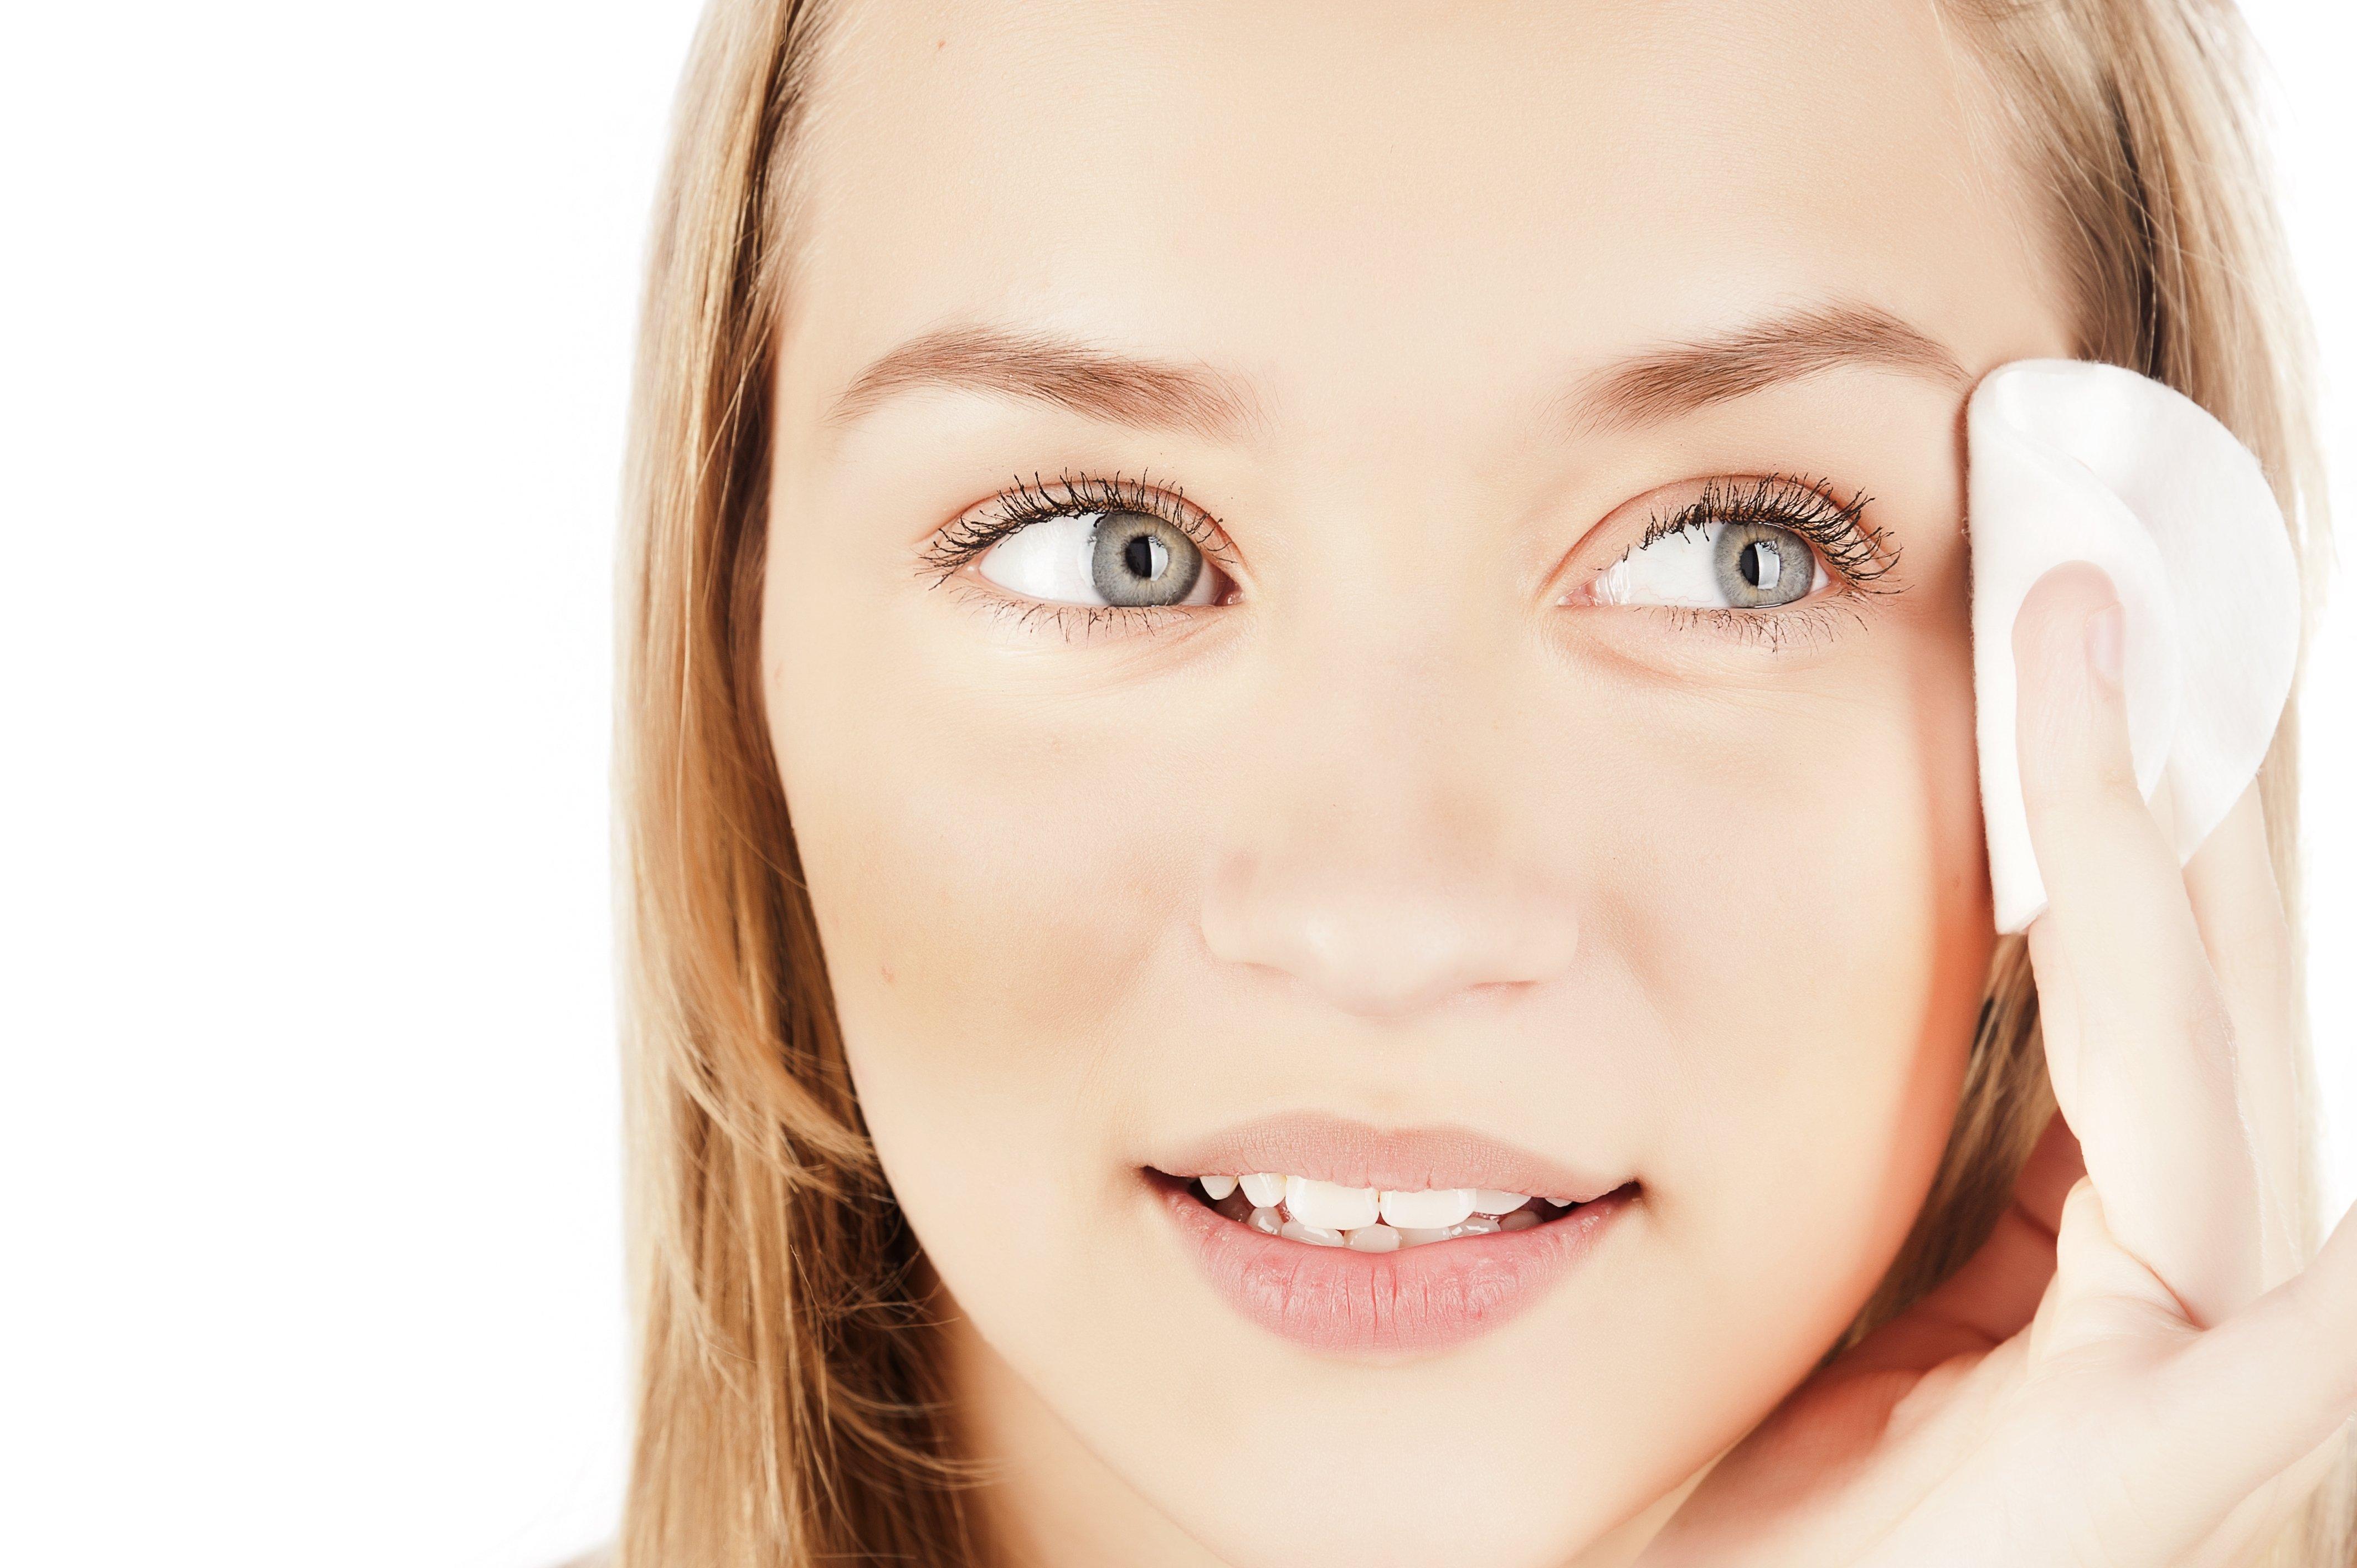 Chú ý những sai lầm hay mắc phải khi che khuyết điểm quầng thâm mắt